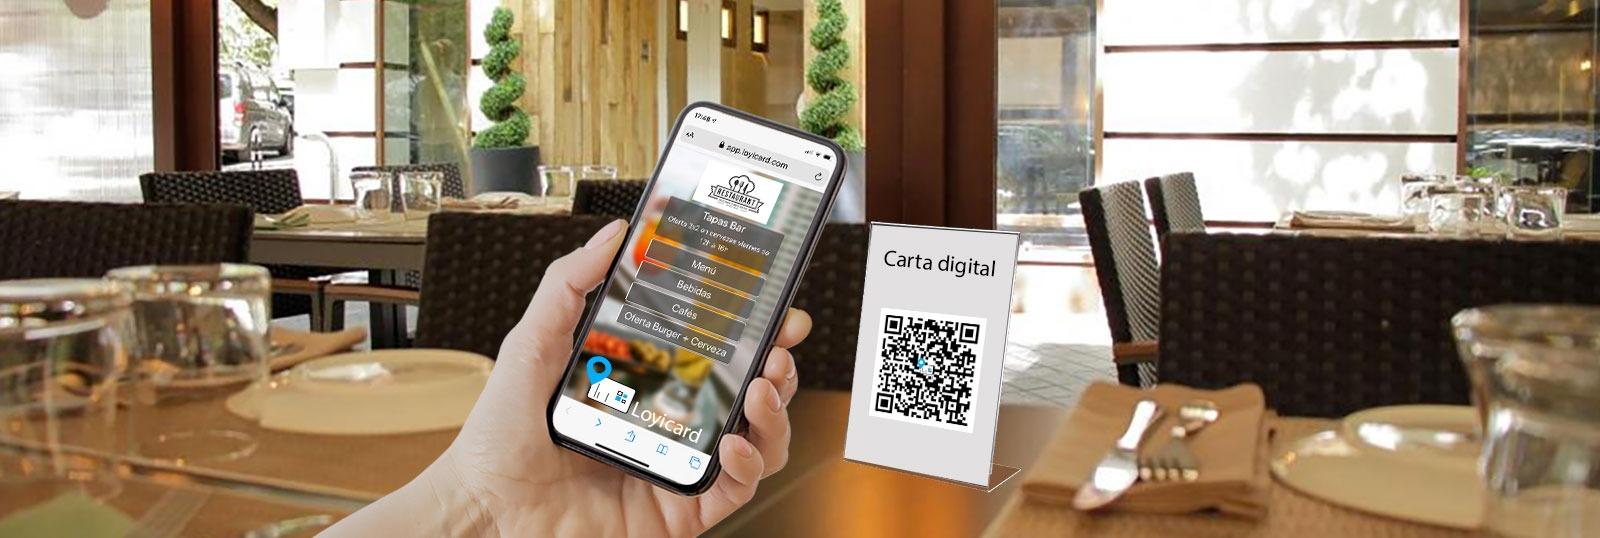 Carta_digital_hosteleria_slider